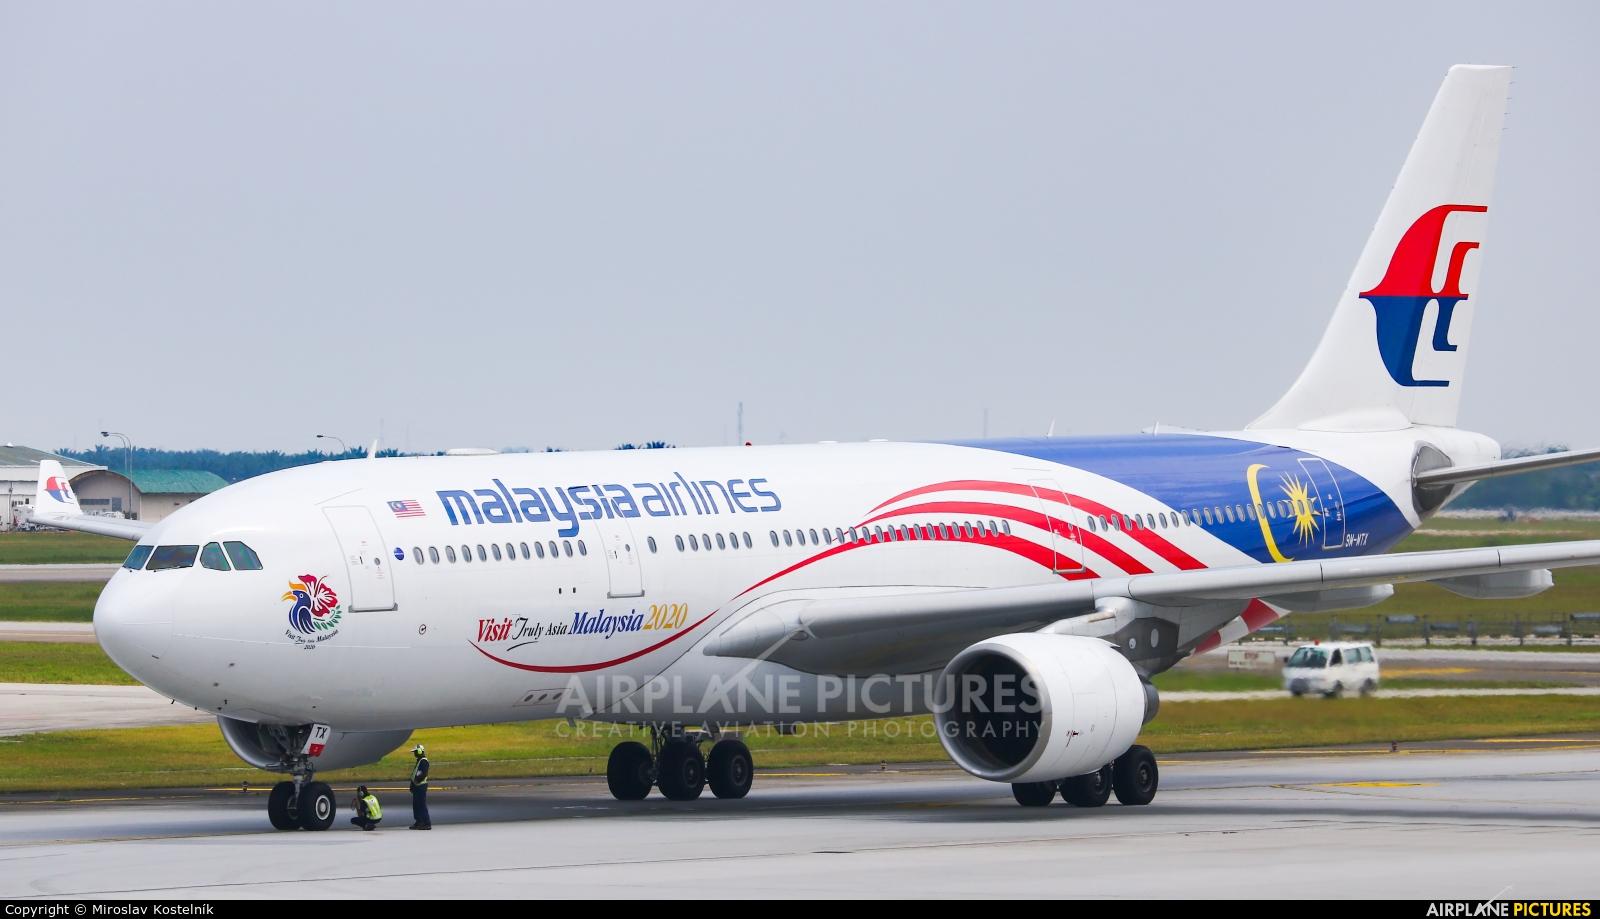 Malaysia Airlines 9M-MTX aircraft at Kuala Lumpur Intl